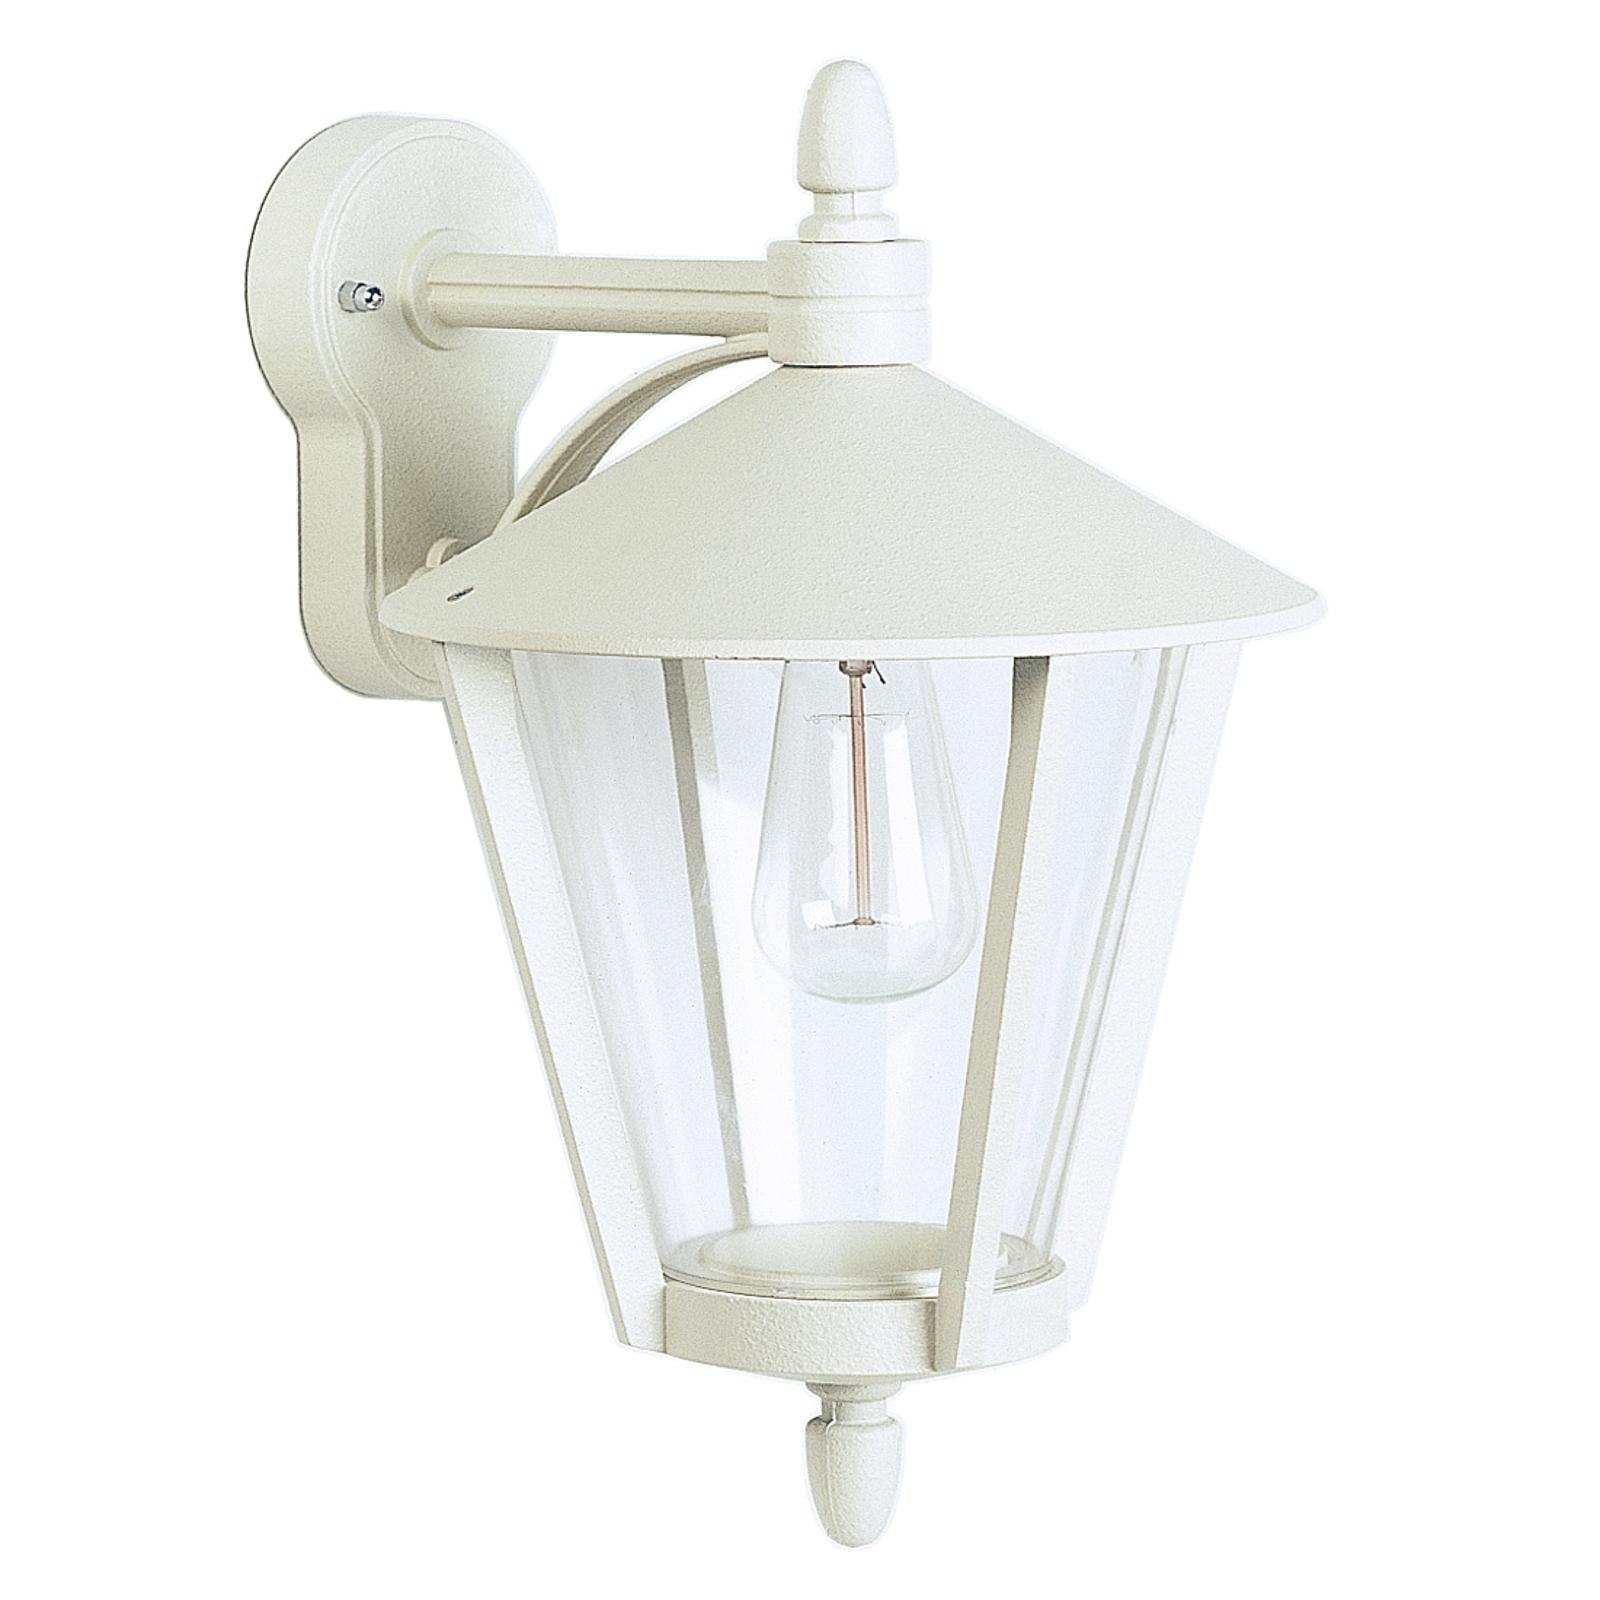 Stijlvolle buitenwandlamp 665 W